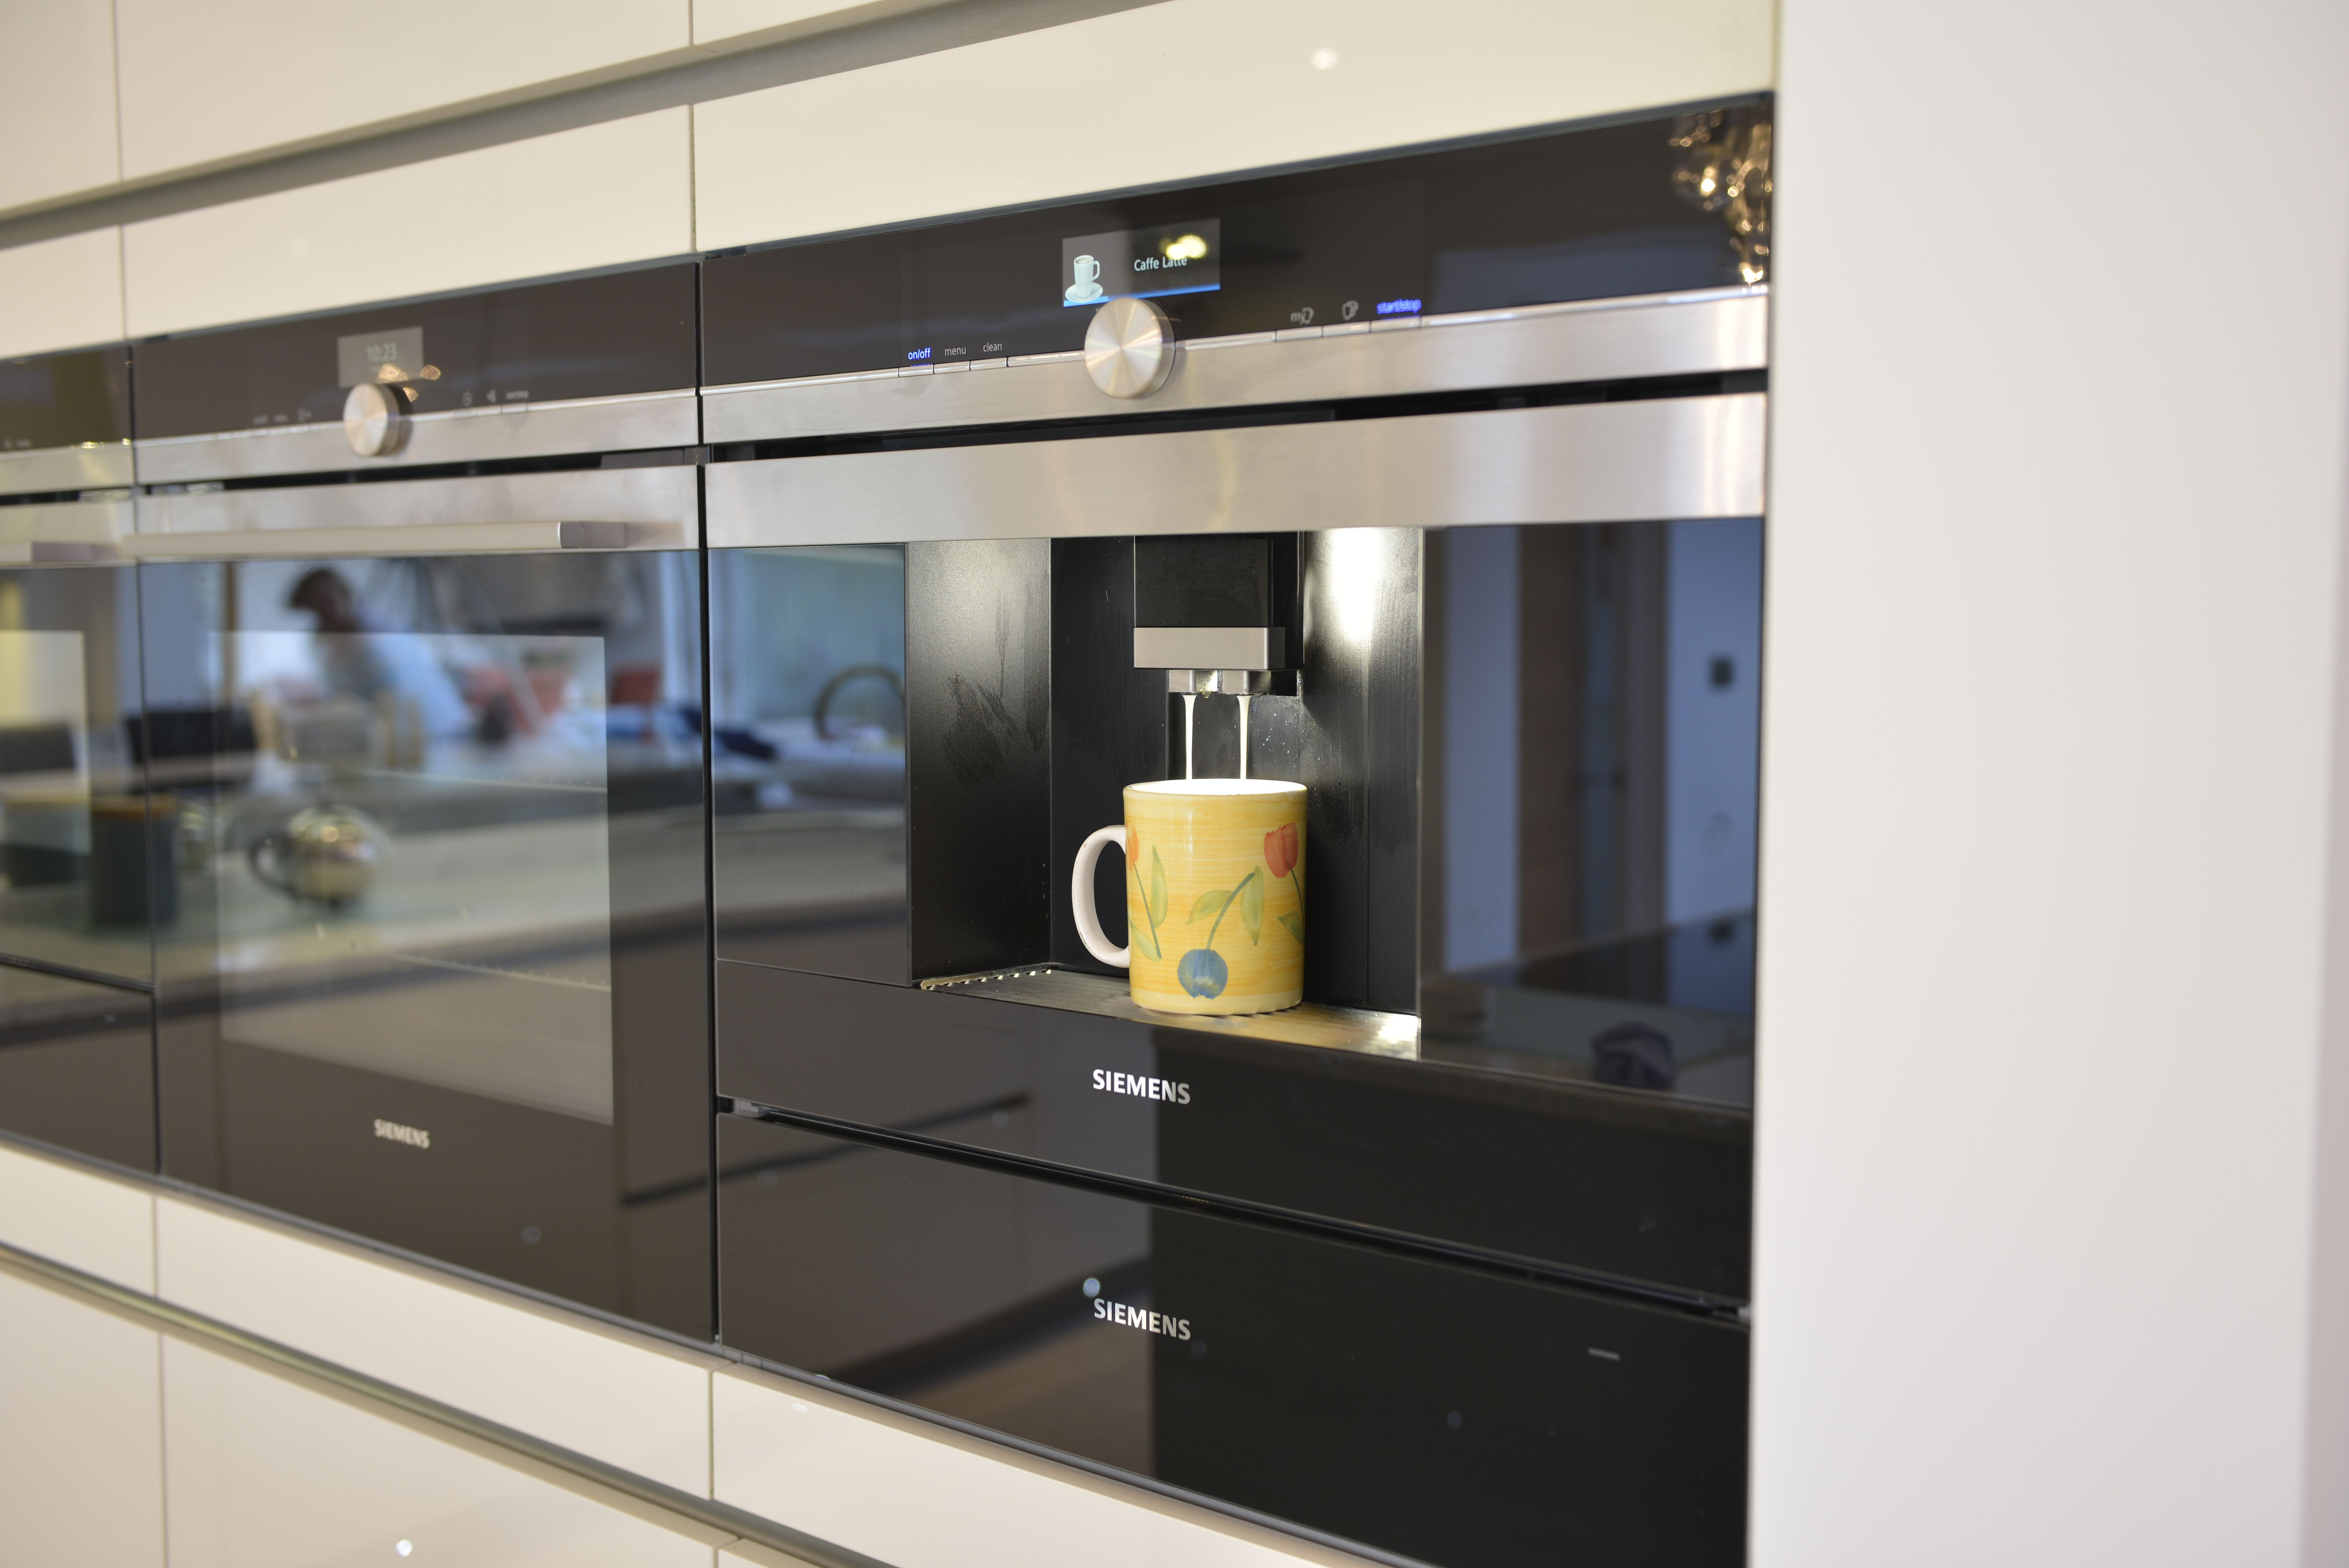 Siemens Coffee Machine Kitchen Appliances Kent Designer